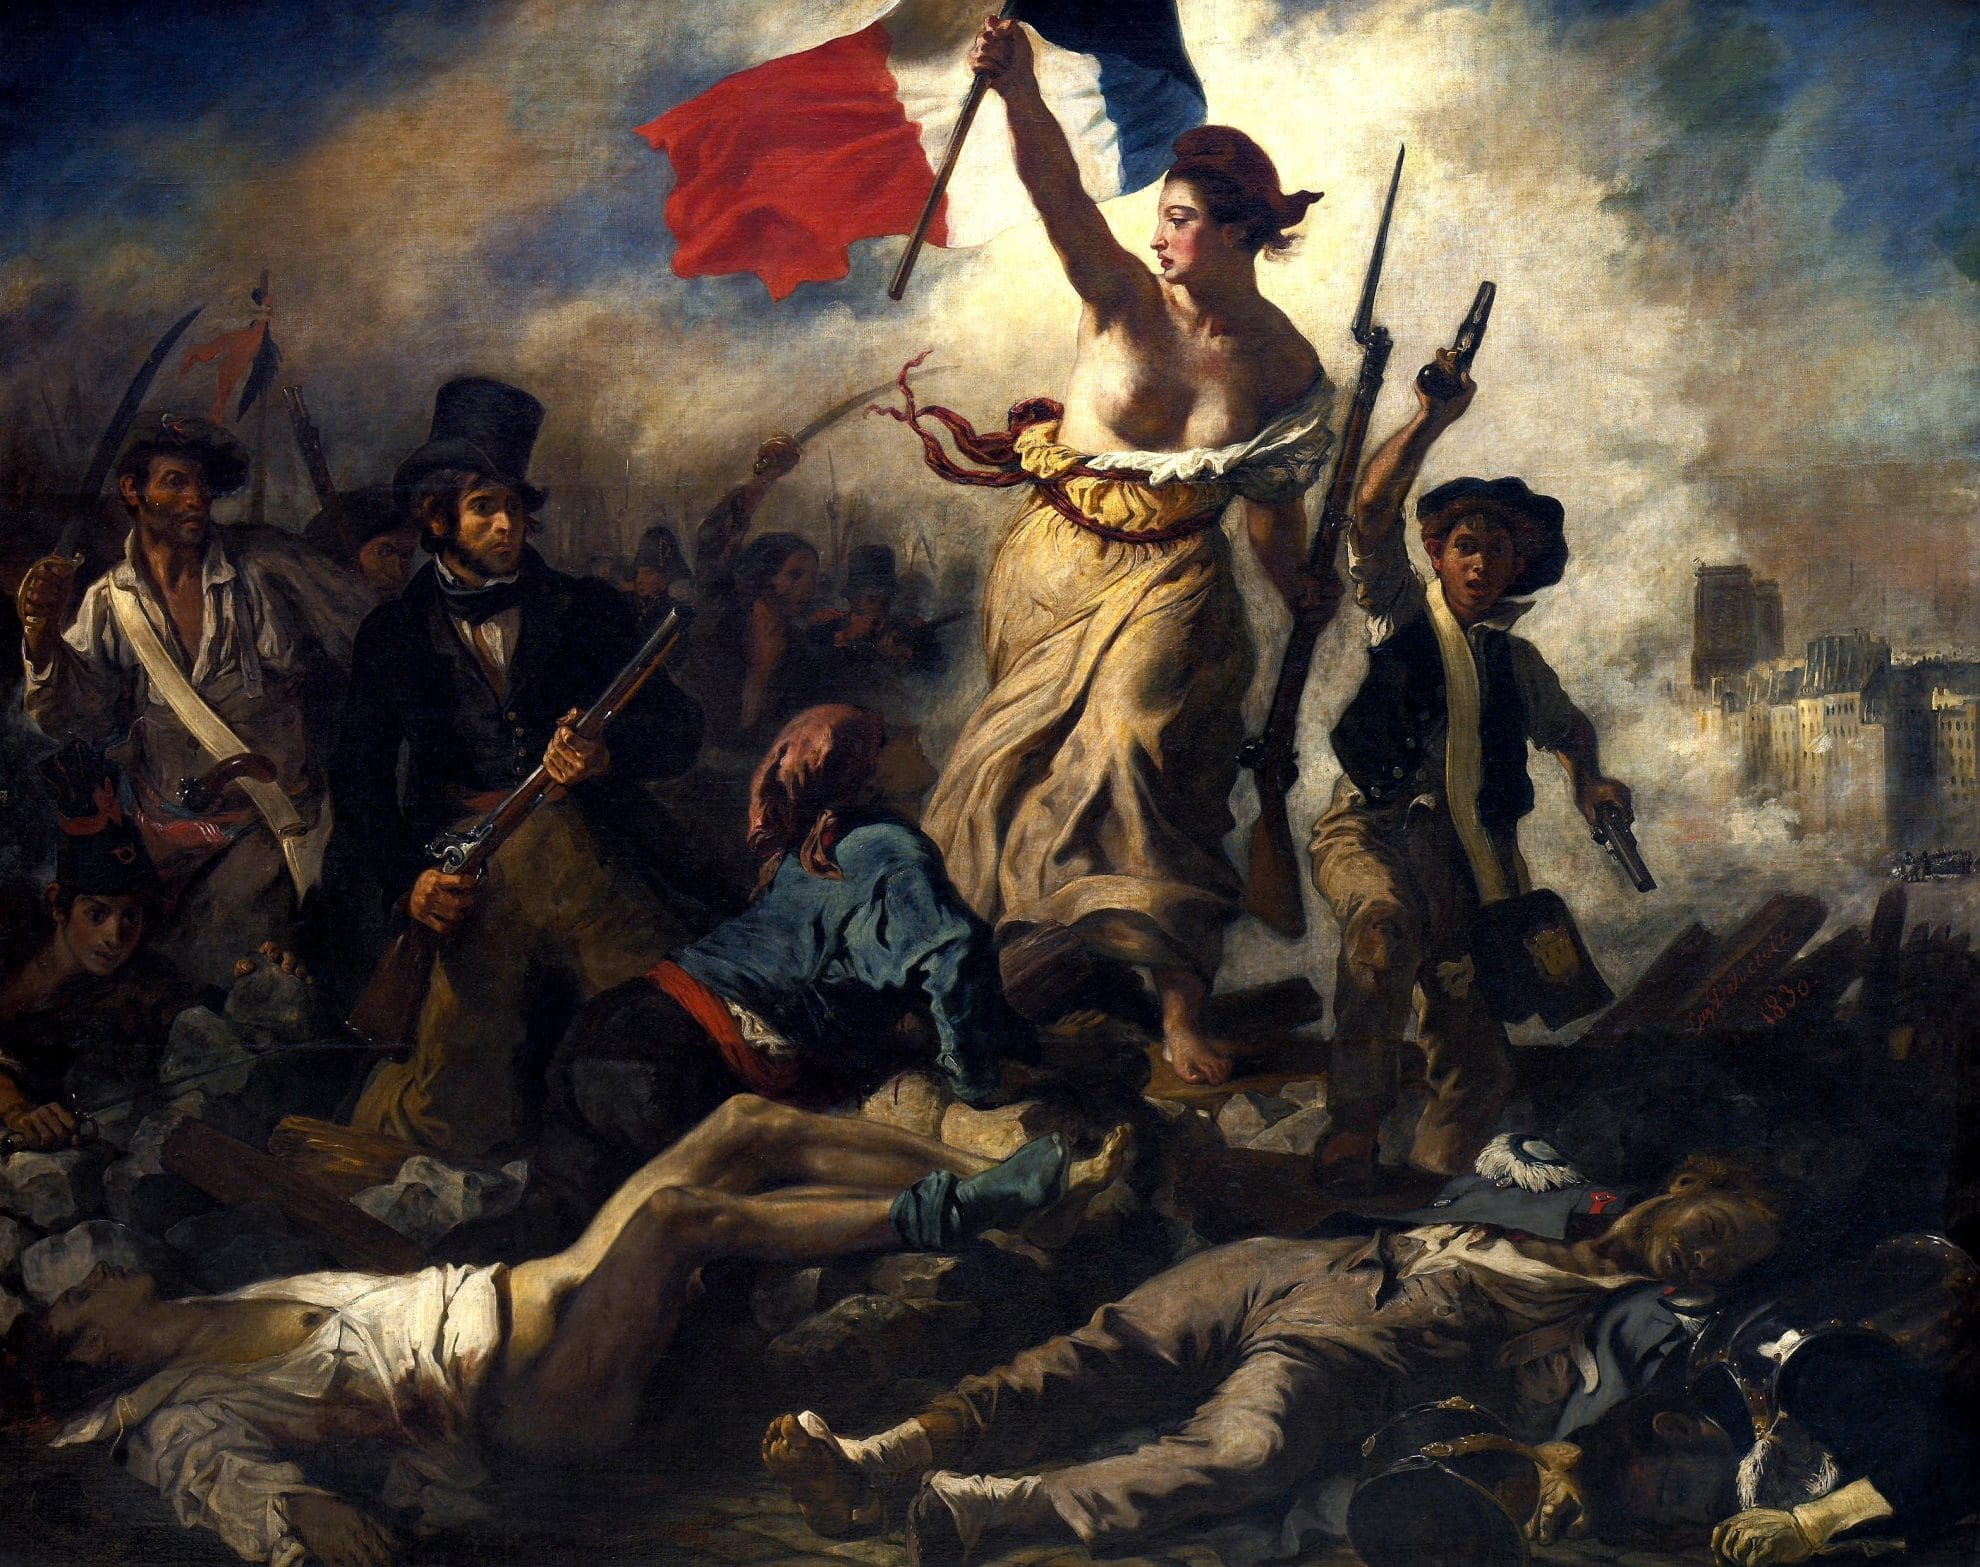 Friheten på barrikadene av Eugene Delacroix. Maleriet ble ferdigmalt i slutten av juli 1830, samme måneden som julirevolusjonen i Paris skjedde. Legg merke til flagget, Tricoloren, fra den franske revolusjonen 1789, og kvinnens positur. Ingen opphavsrett grunnet alder.